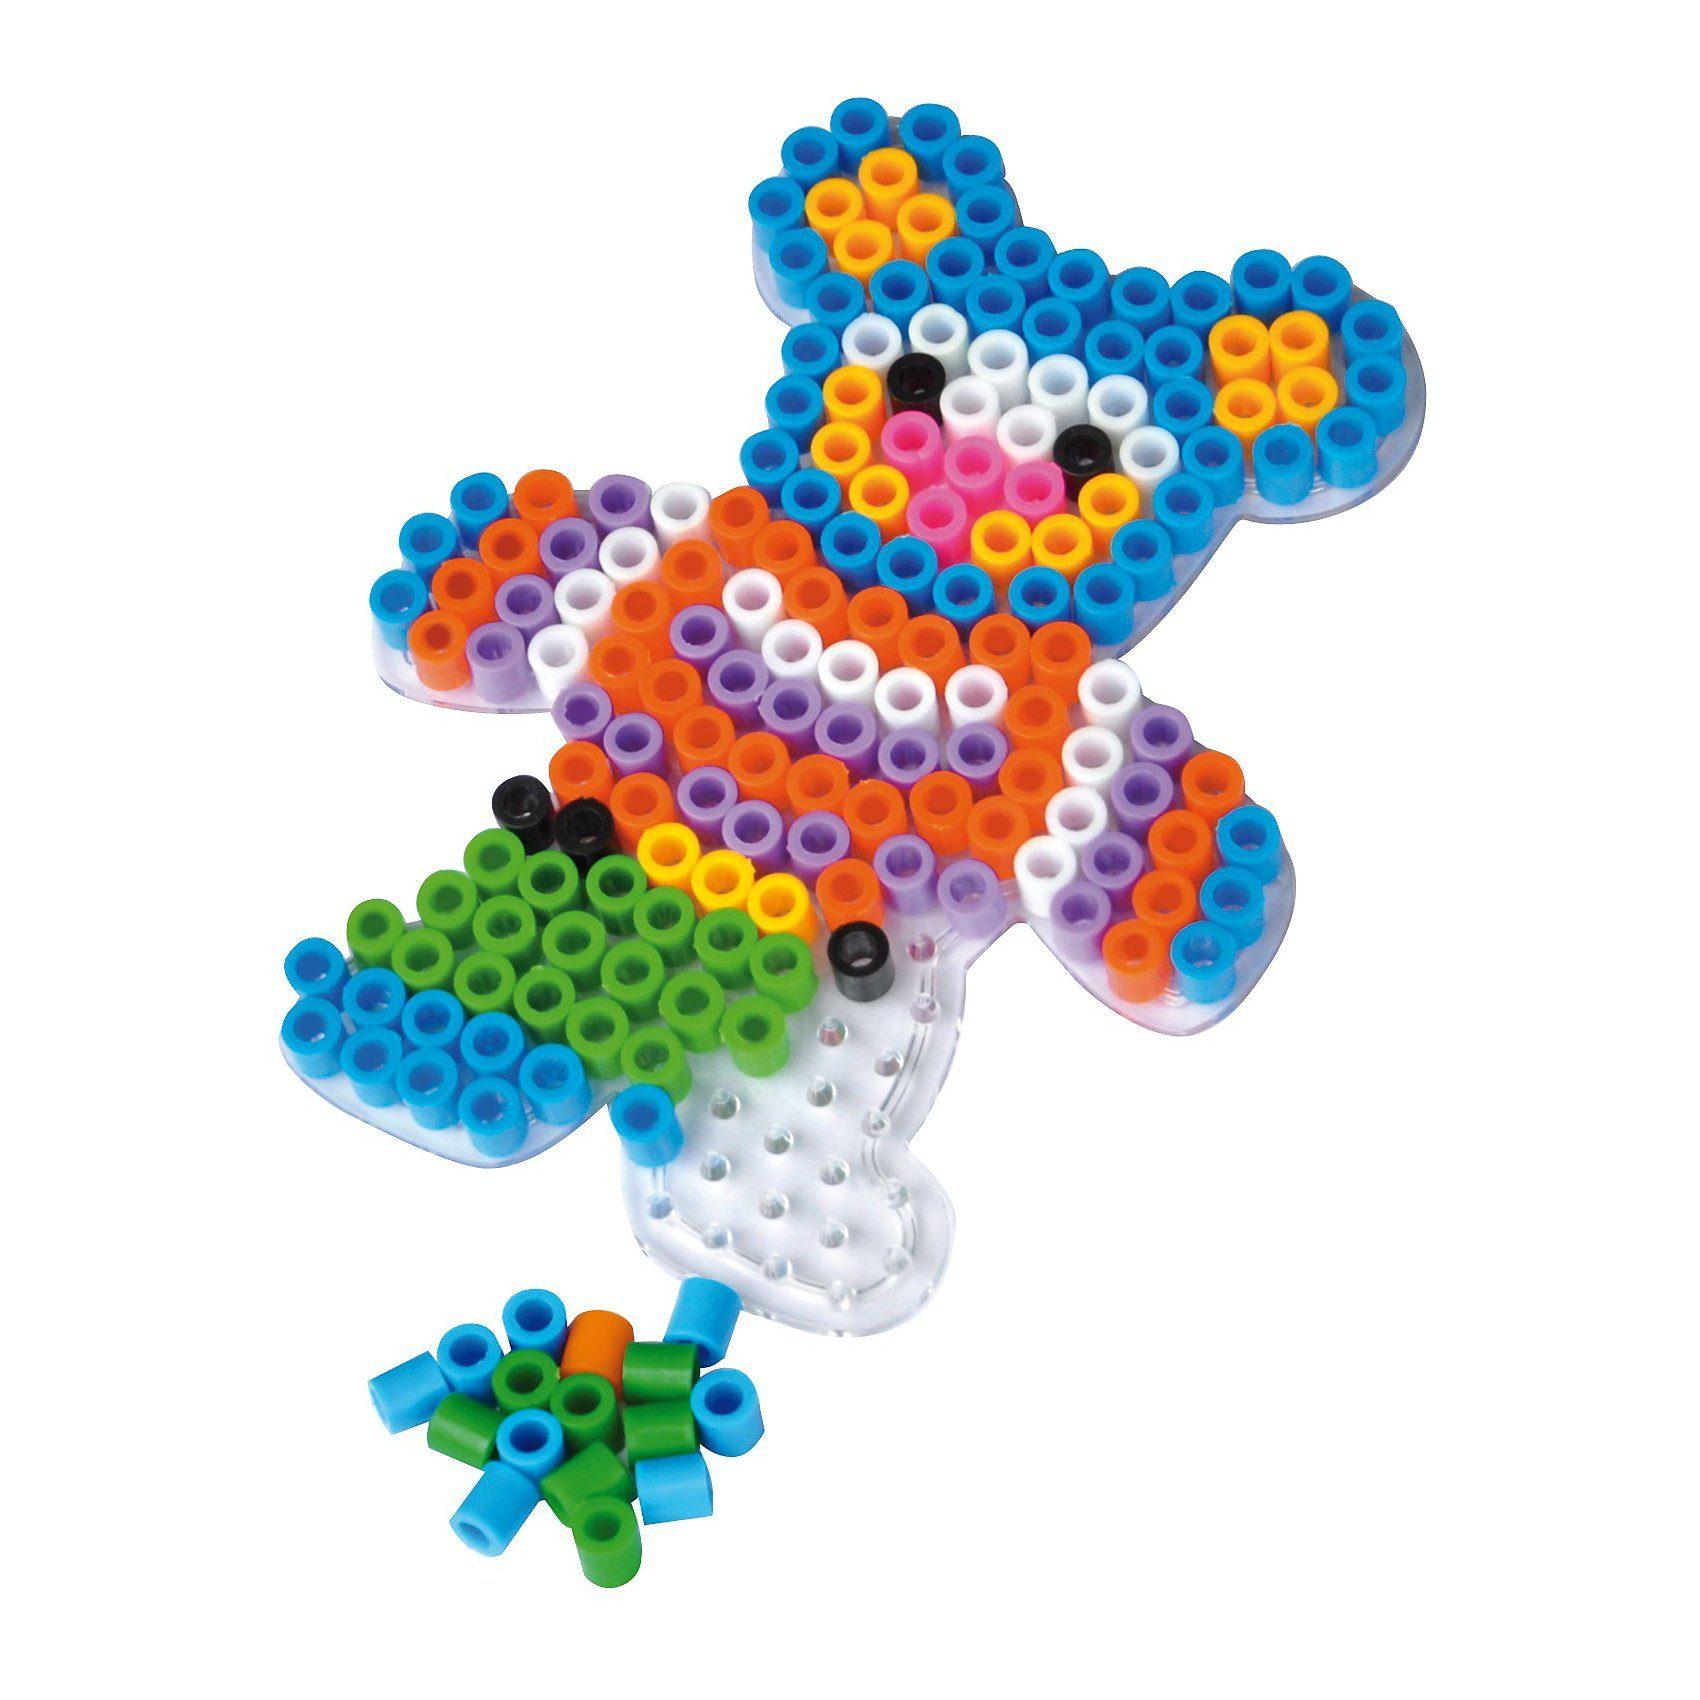 Playbox XL-Bügelperlen-Steckplatten, 3 Stück - Bär, Herz & Auto